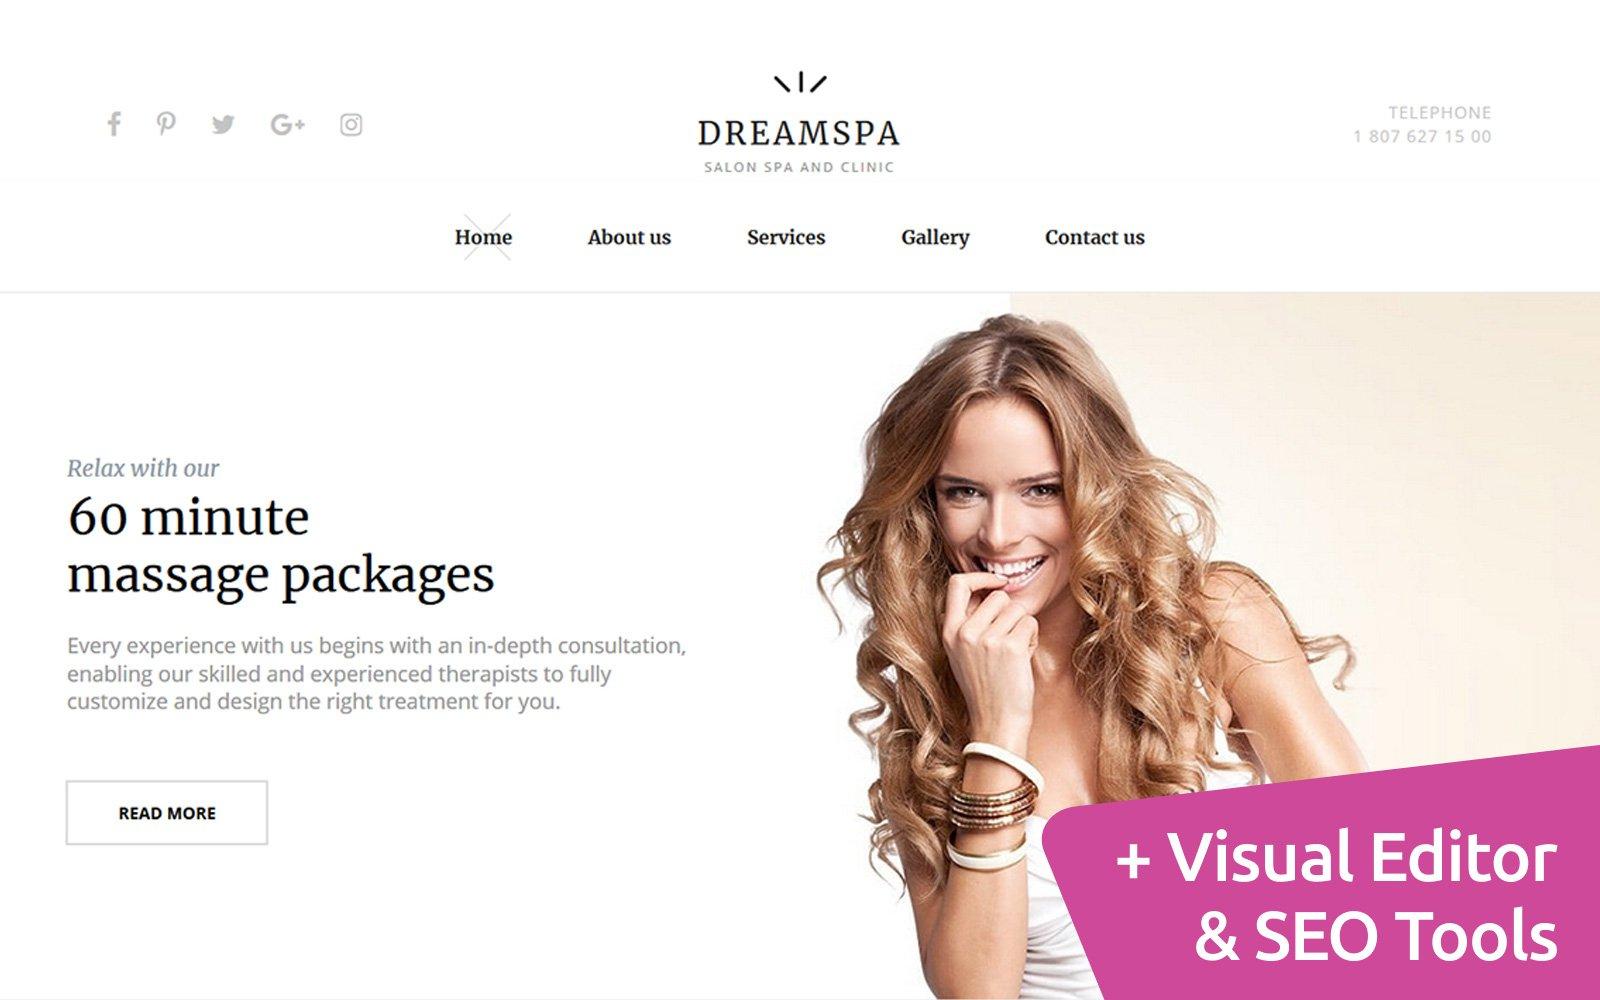 Reszponzív DreamSpa - Spa Health & Skincare Moto CMS 3 sablon 121304